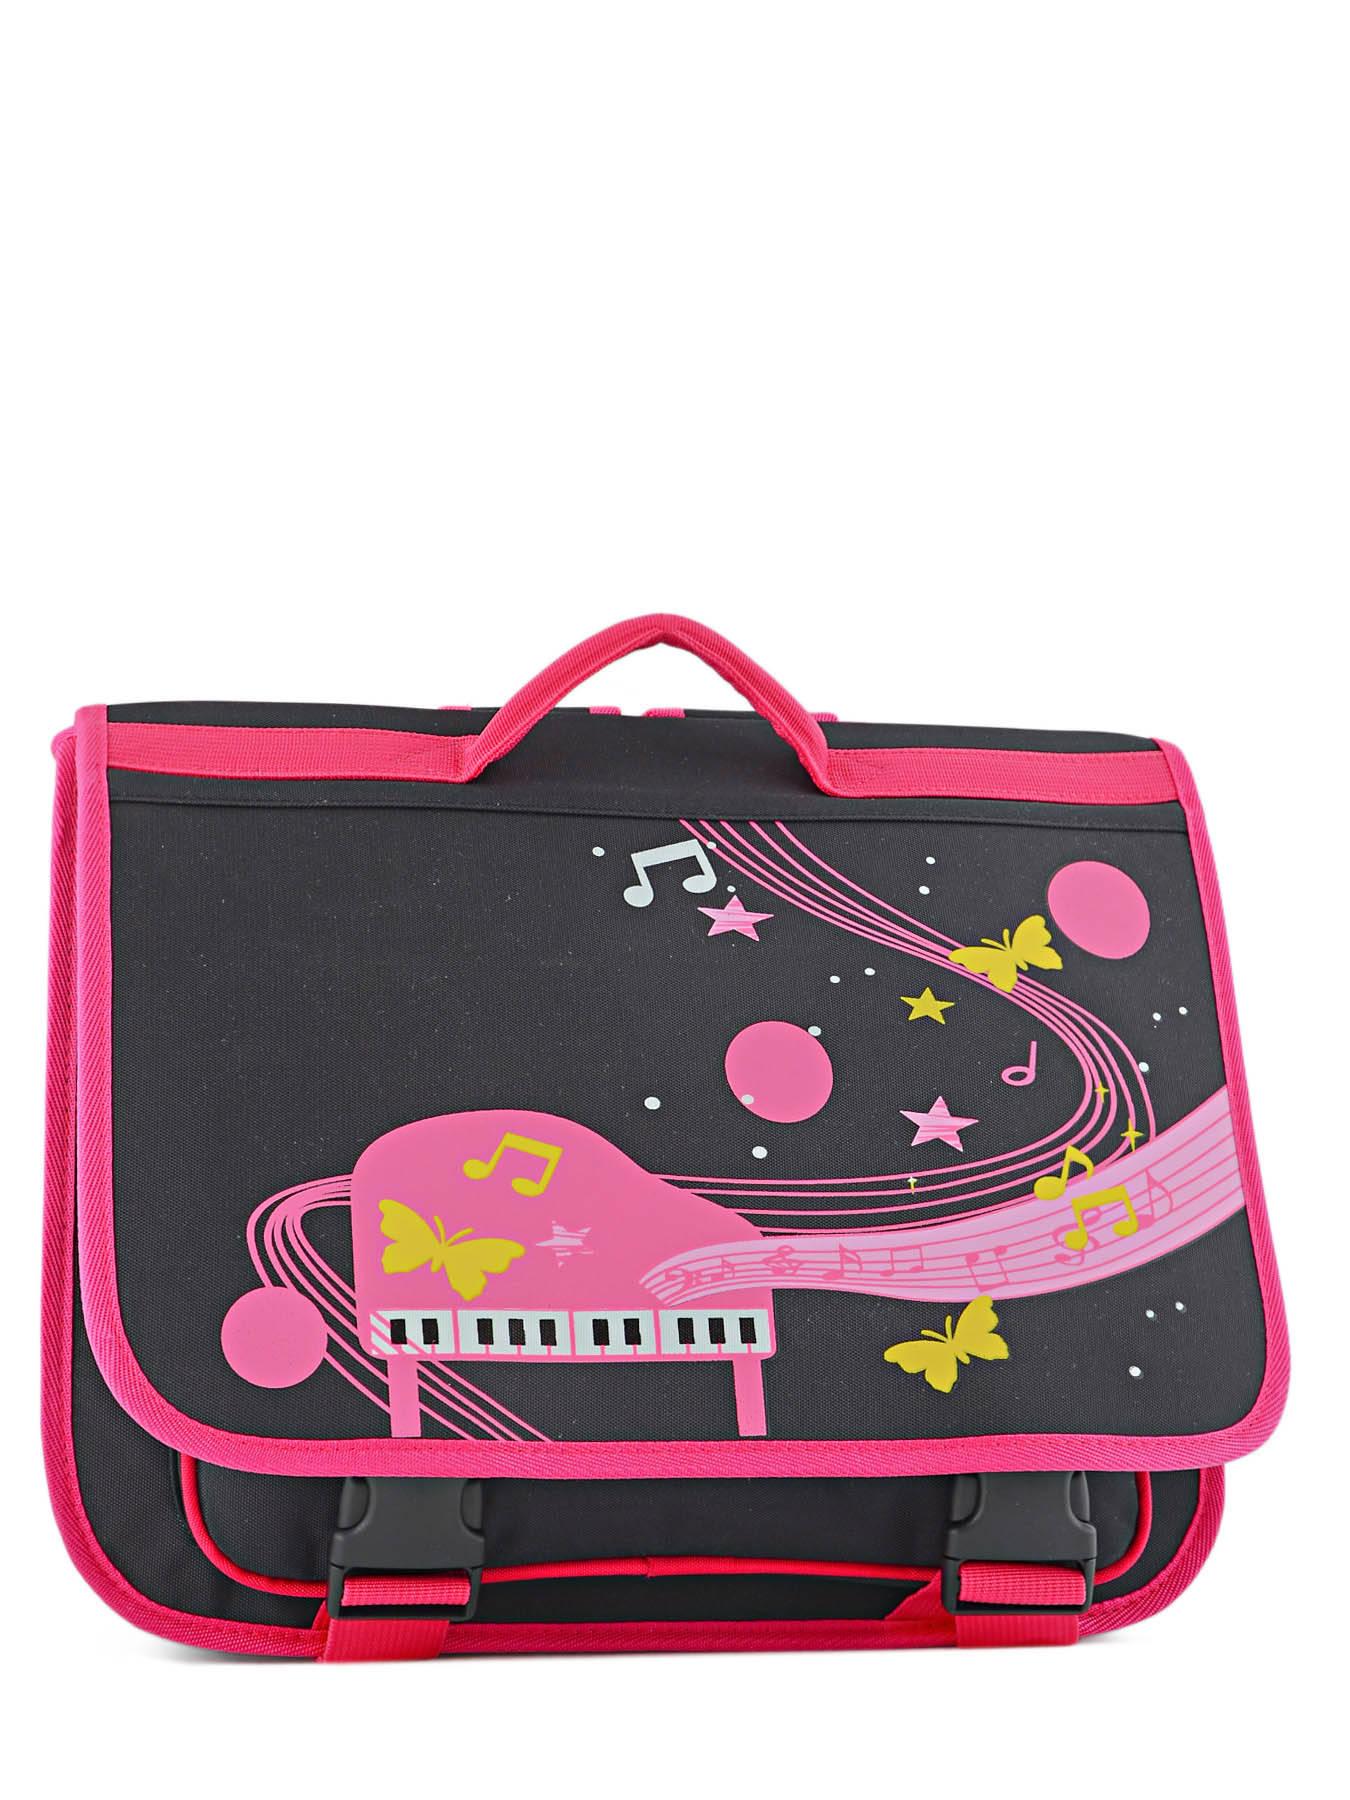 Портфель для музыкальной школы для девочки Розовое Пианино, - фото 1